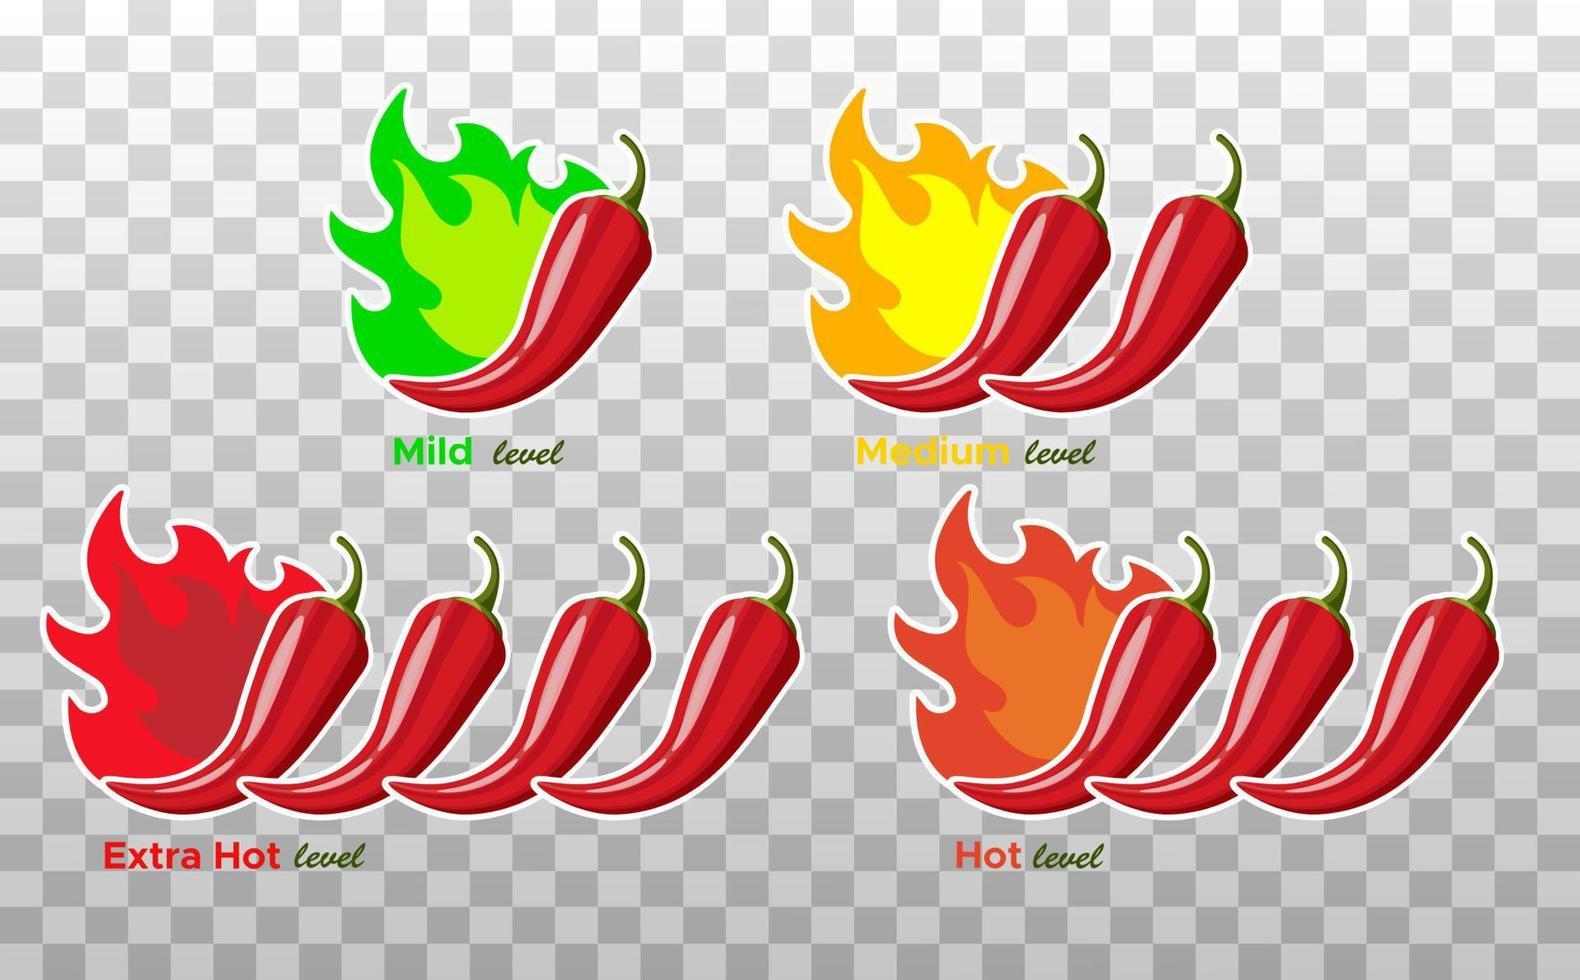 ícones com níveis de tempero de pimenta chili. sinal de pimenta com chama de fogo para embalar alimentos picantes. Adesivos de molho de pimenta leve, médio e extra. ilustração vetorial. vetor